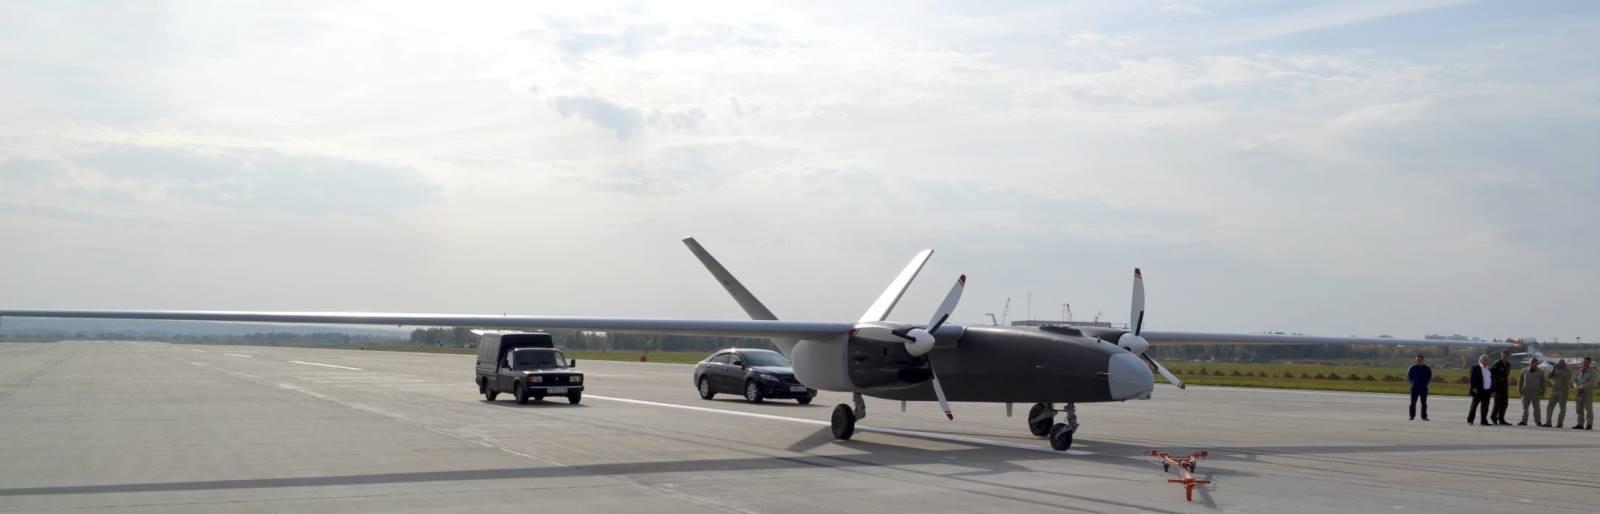 Снимок прототипа-демонстратора беспилотного летательного аппарата тяжелого класса «Альтаир»